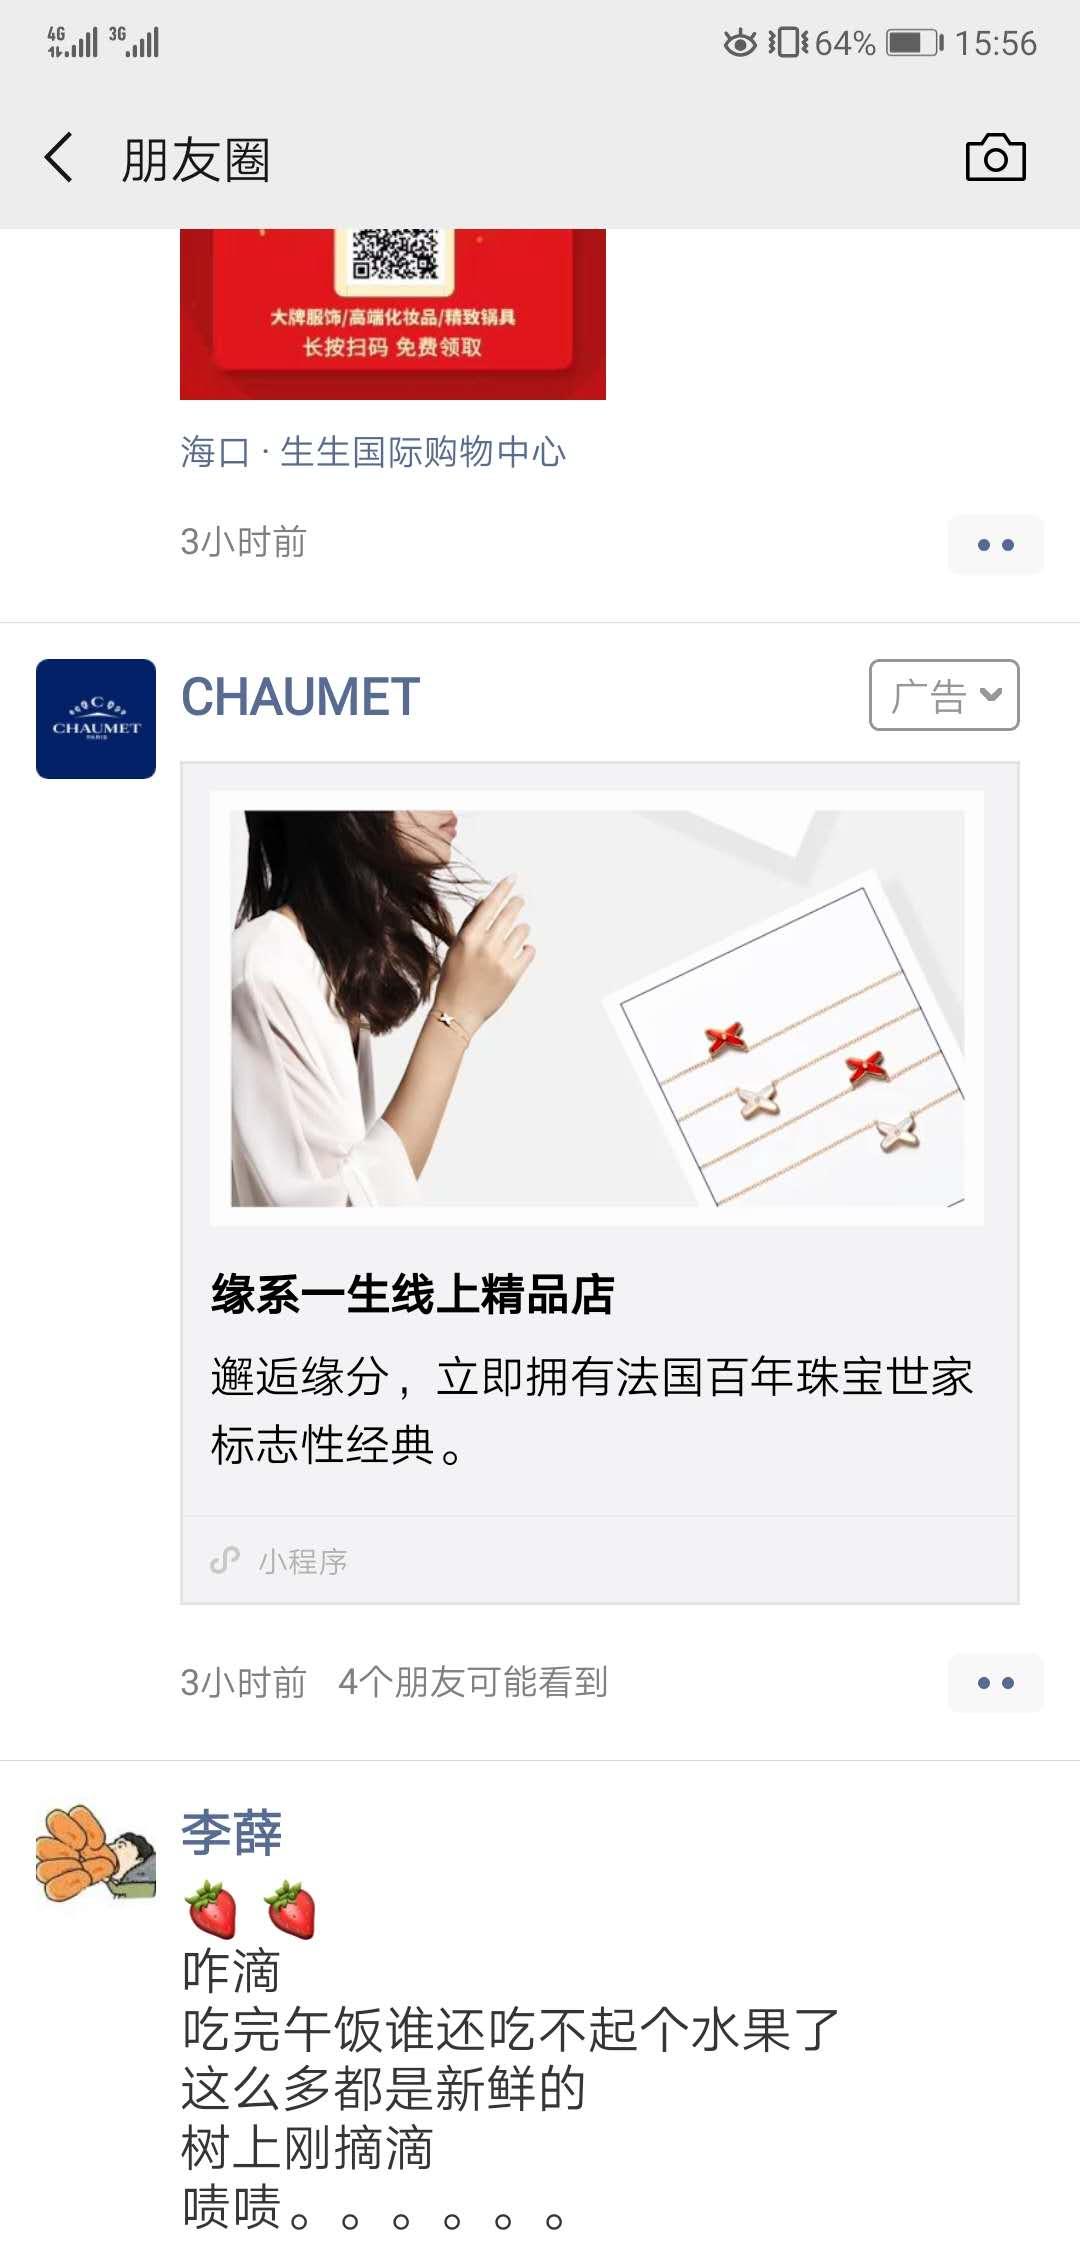 微信朋友圈广告:极致奢华的CHAUME!